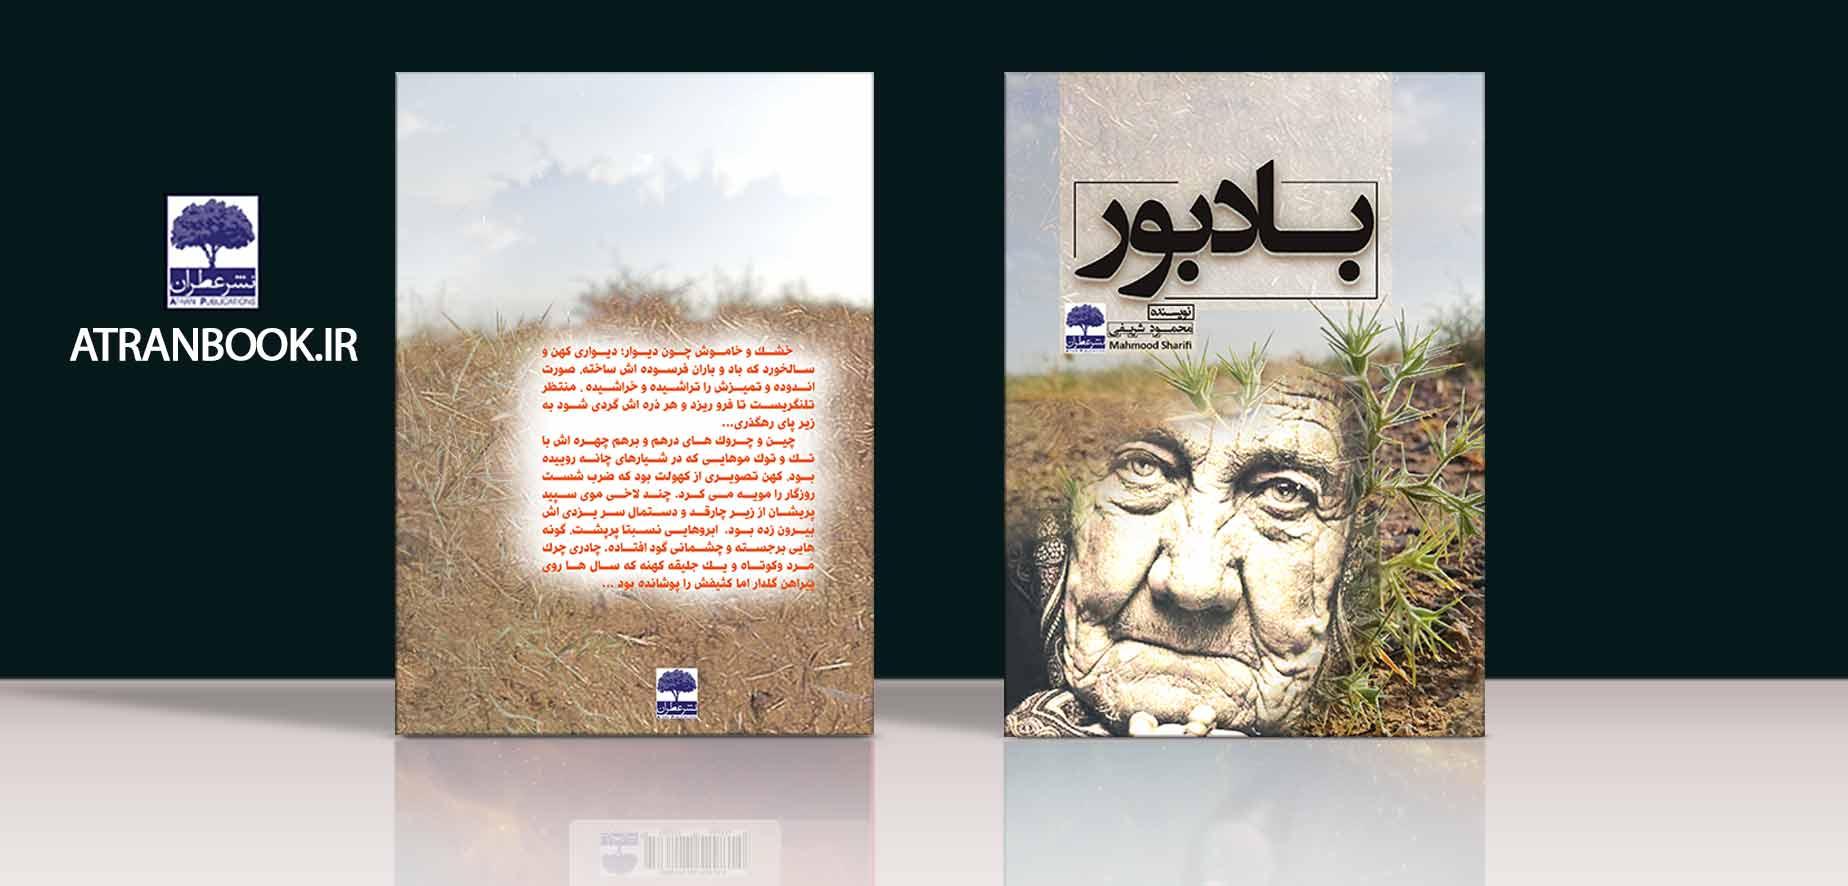 """زهرا خاوری: نویسنده کتاب """" عاشق تر از ماه """" انتشارات ملی عطران"""